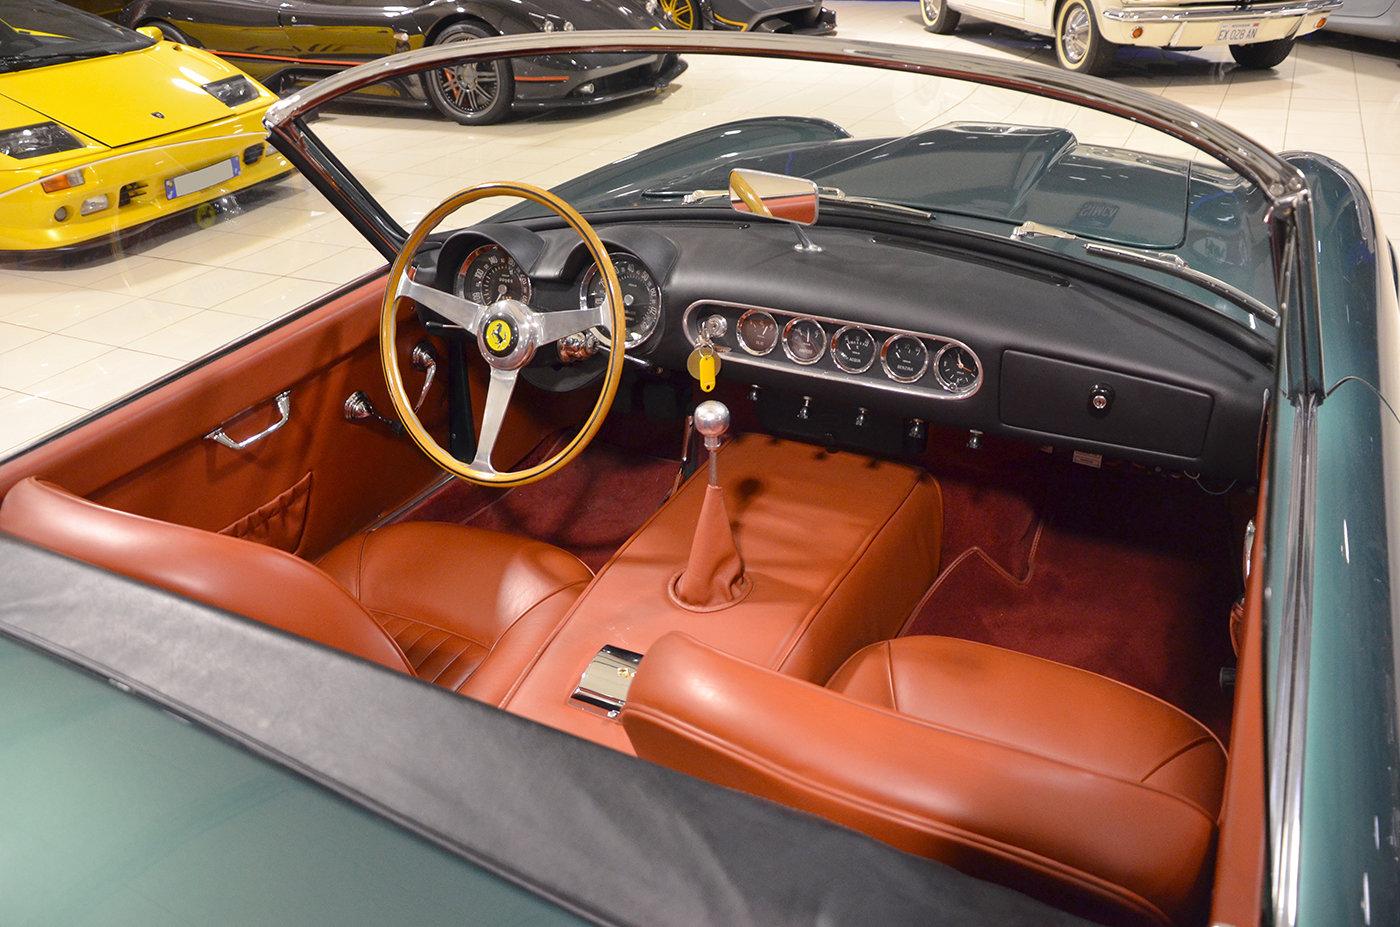 1963 Ferrari 250 GT California SWB Aluminium Body  For Sale (picture 4 of 6)